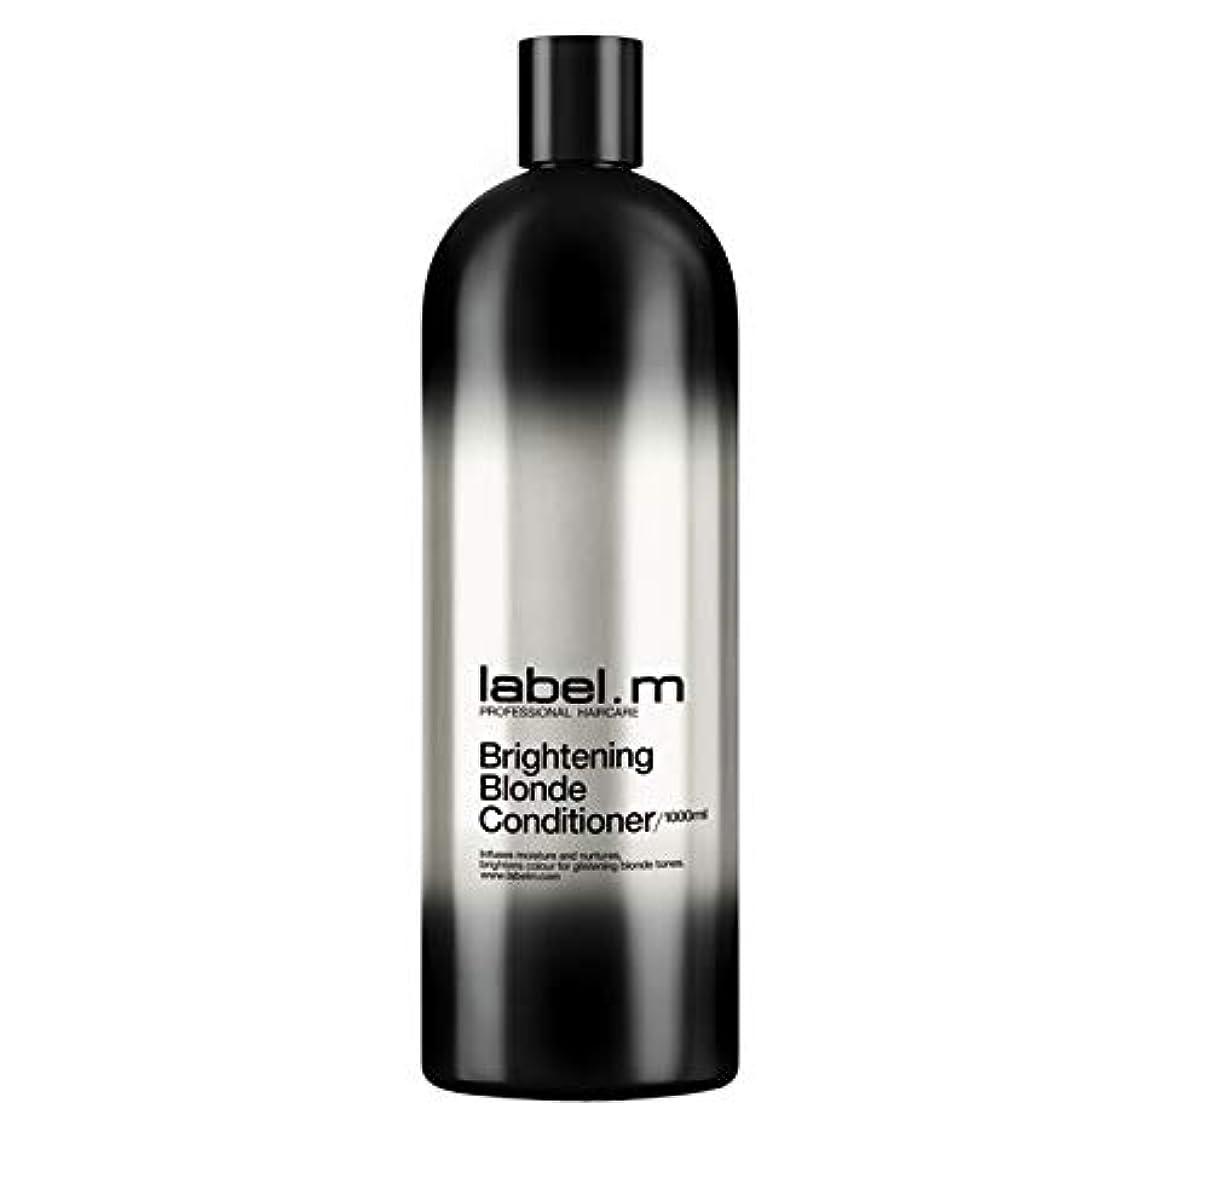 マスク展開するオープニングレーベルエム ブライトニングブロンド コンディショナー (髪に潤いと栄養を与えて明るく輝くブロンドヘアに) 1000ml/33.8oz